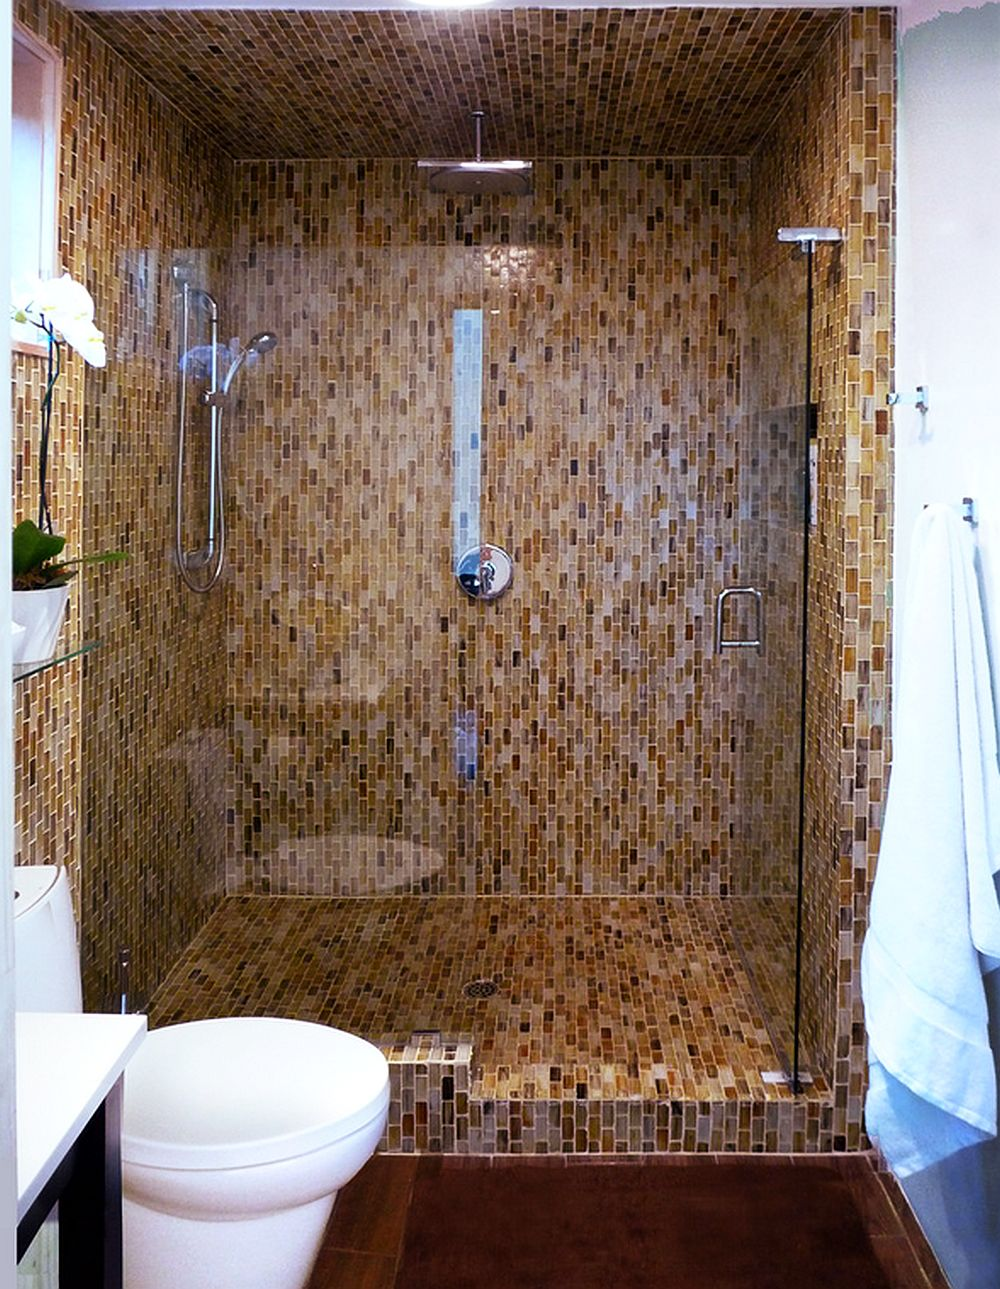 adelaparvu.com un garaj transformat in garsoniera Design Debbie Gliksman Urban Oasis (8)